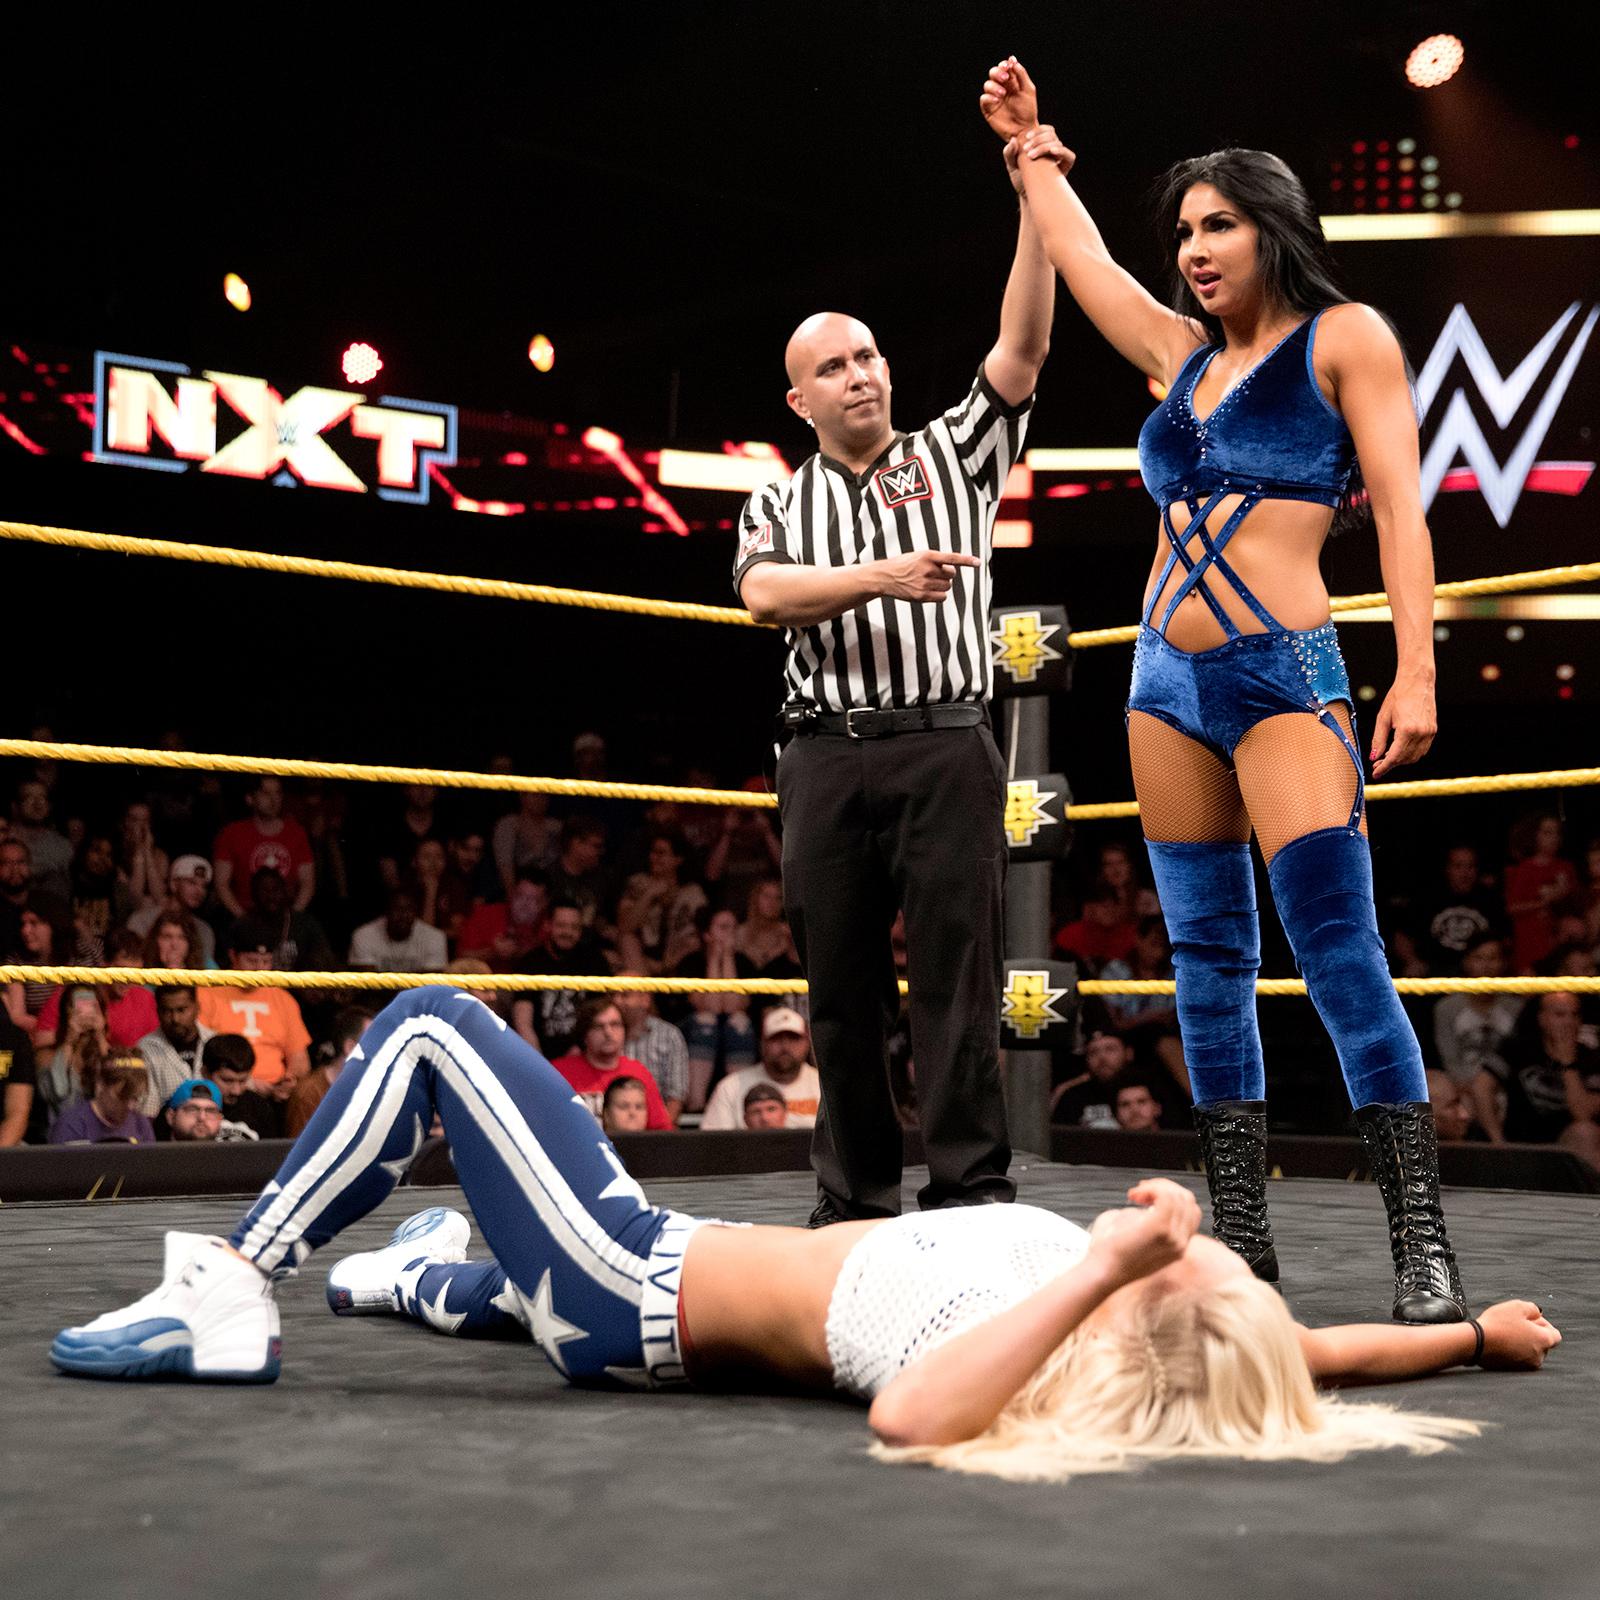 Female Pro Wrestling: NXT - Asuka vs Billie Kay